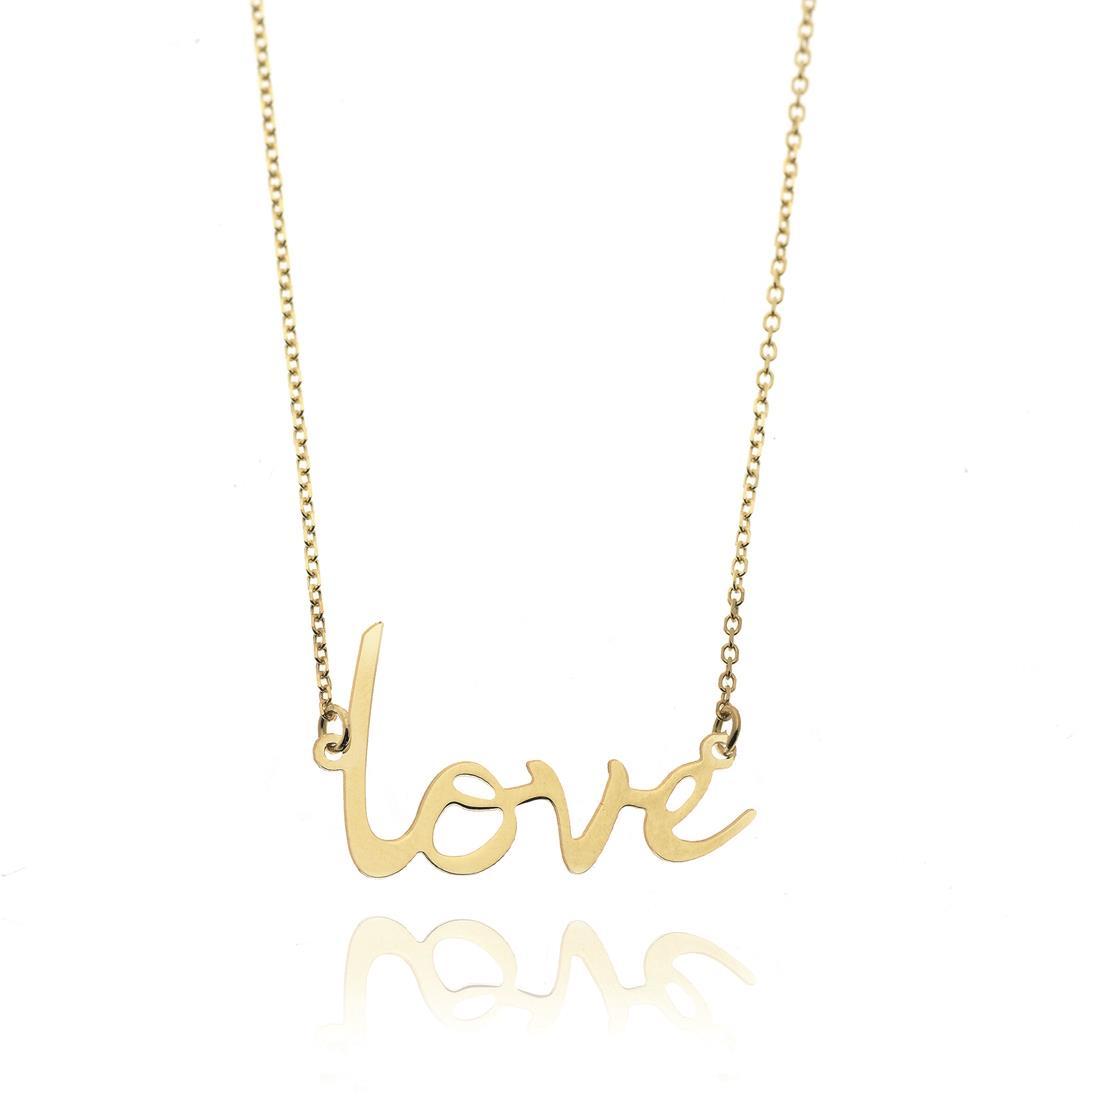 Collana in oro giallo 18 kt con scritta love - ELLA